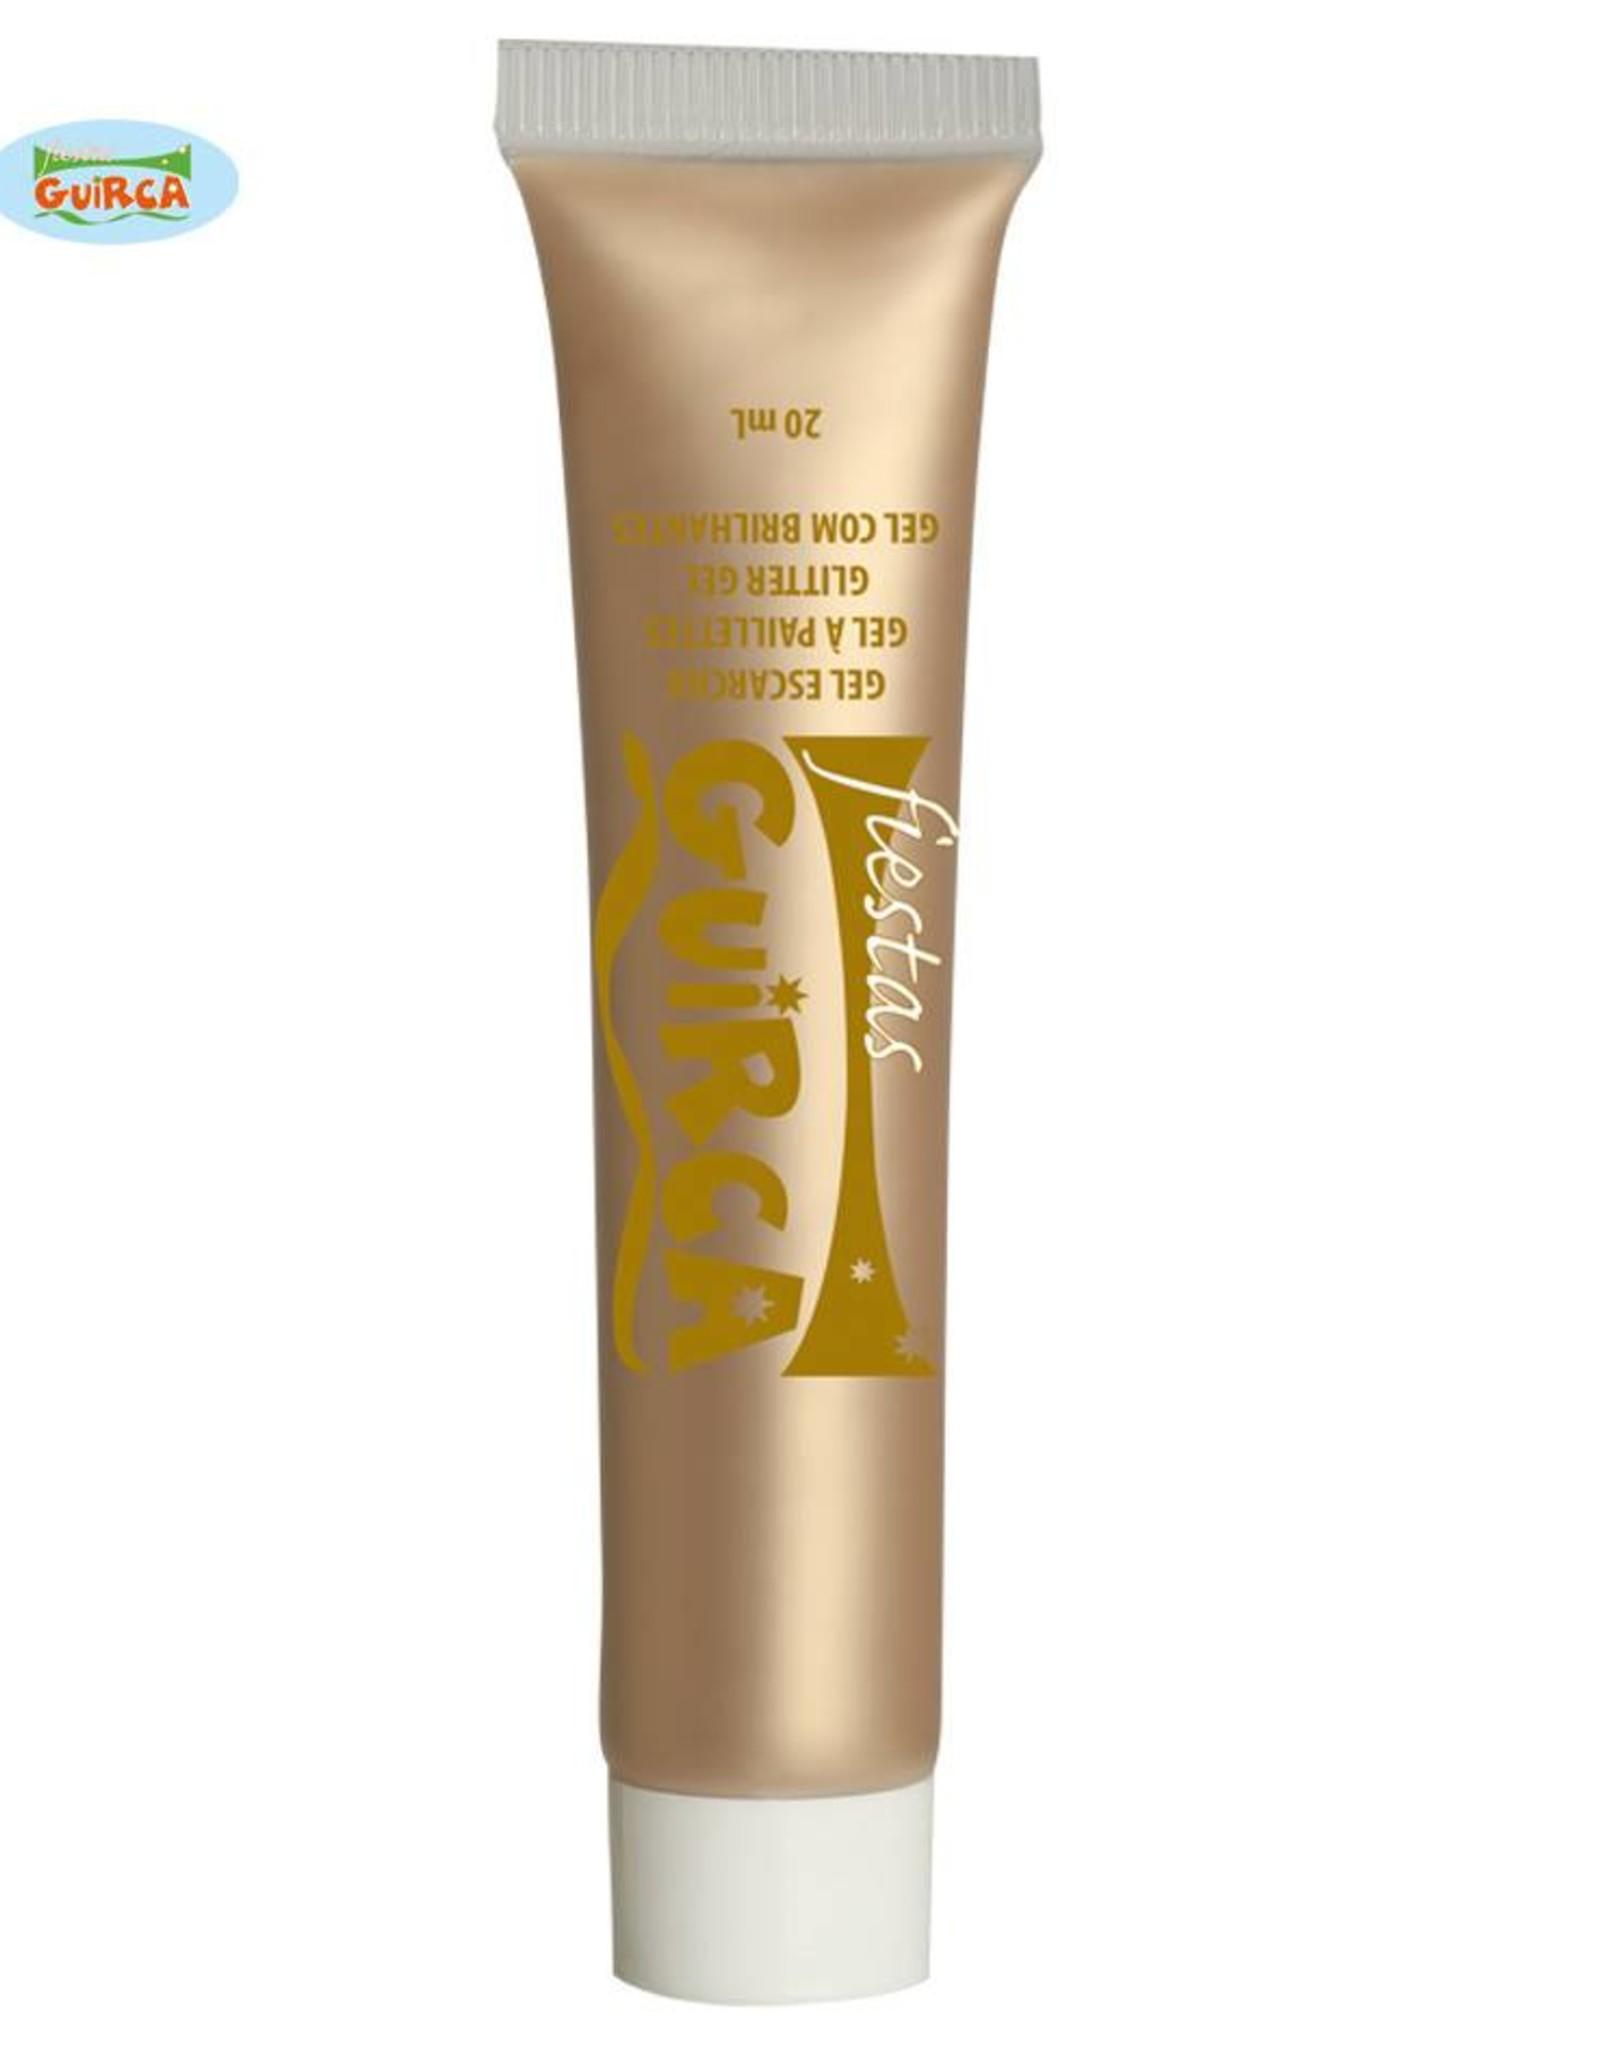 FIESTAS GUIRCA make-up waterbasis 20 ml.